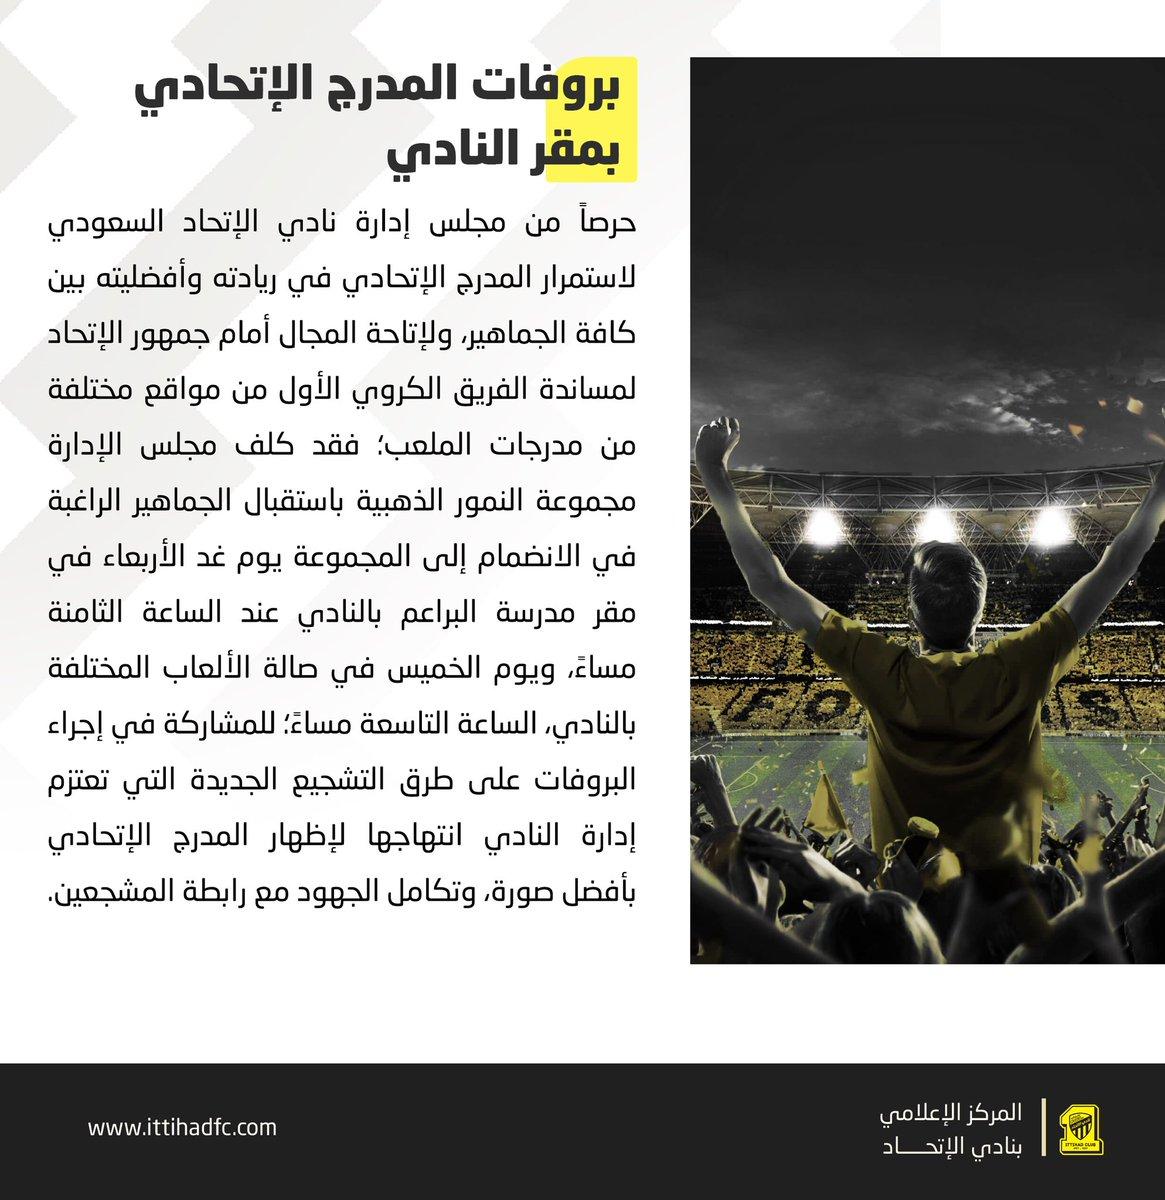 المركز الإعلامي/تقرير 📝📸 النمور اليوم  الأربعاء الموافق17-جمادى الأولى 1440هـ